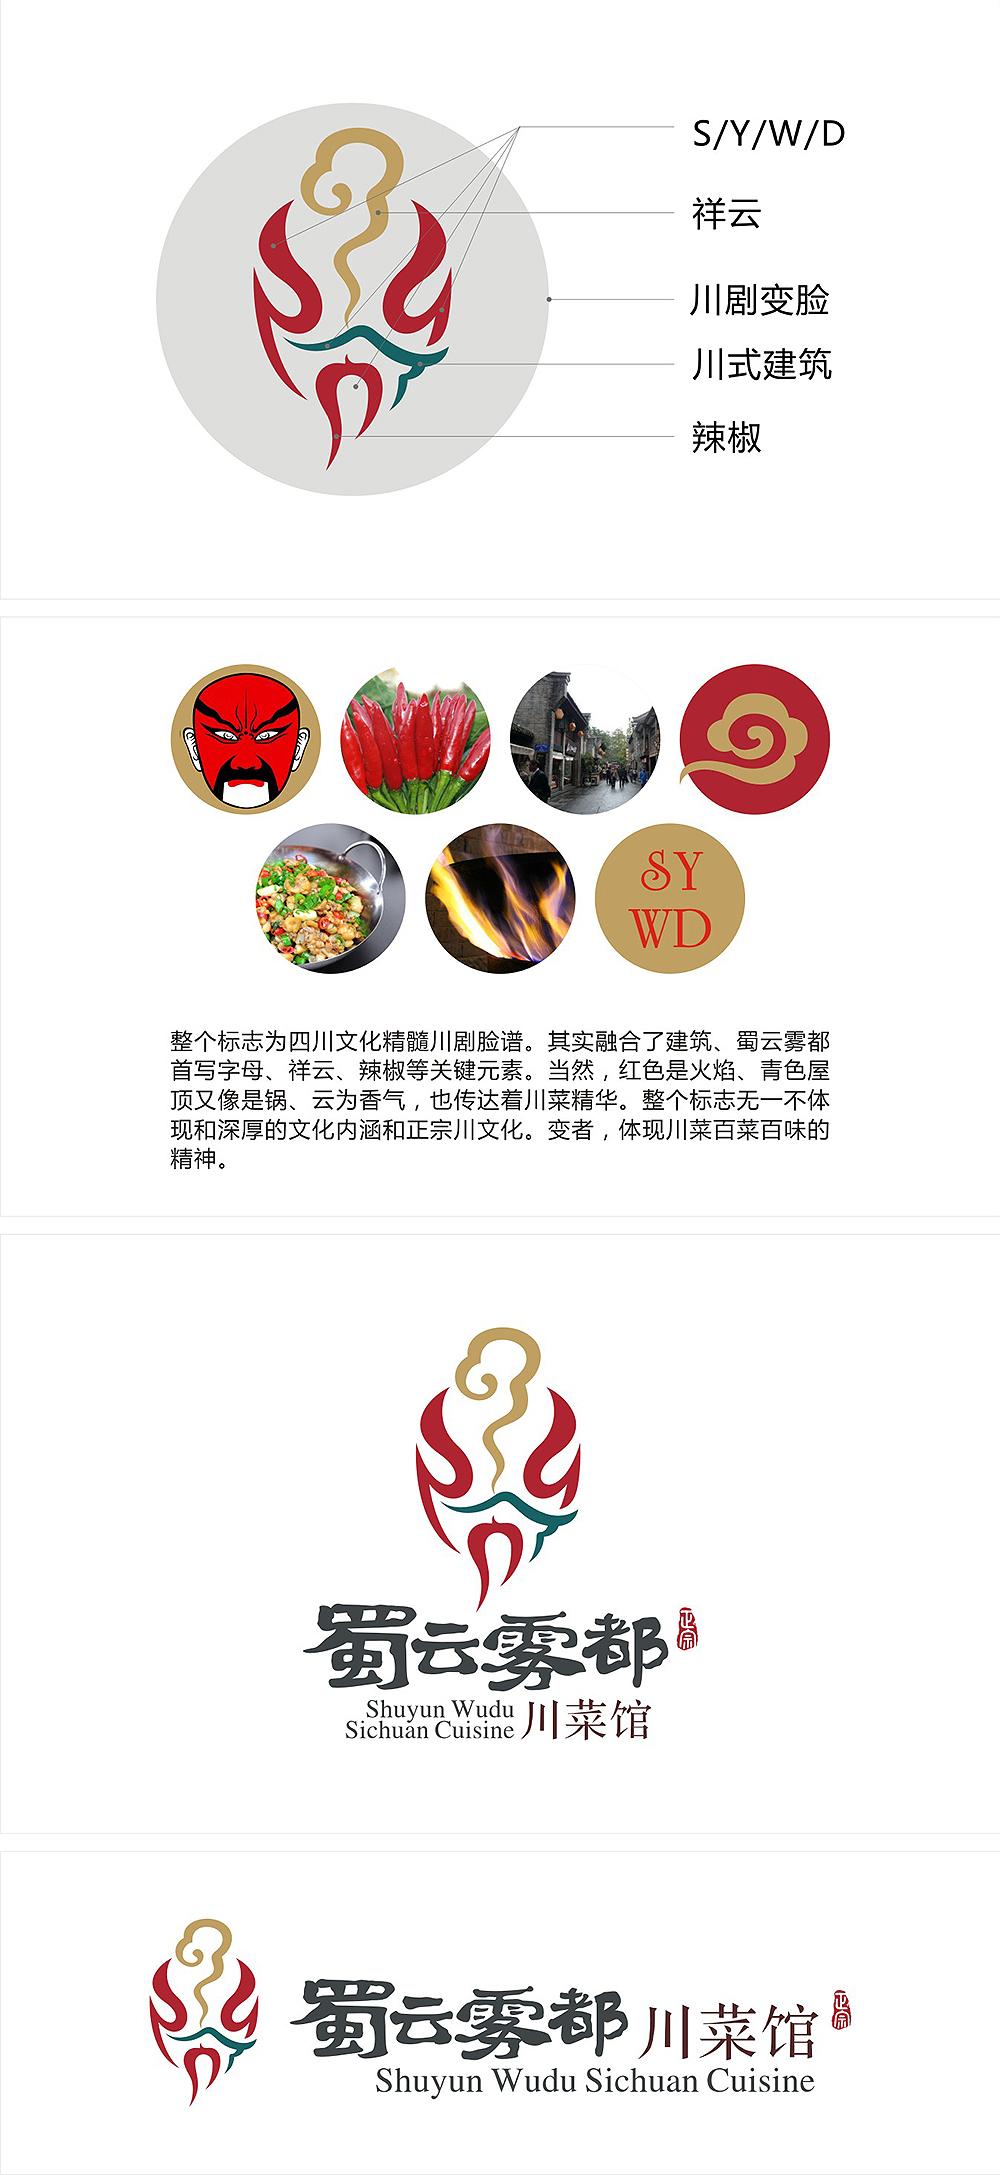 蜀云雾都川菜馆 / logo设计图片